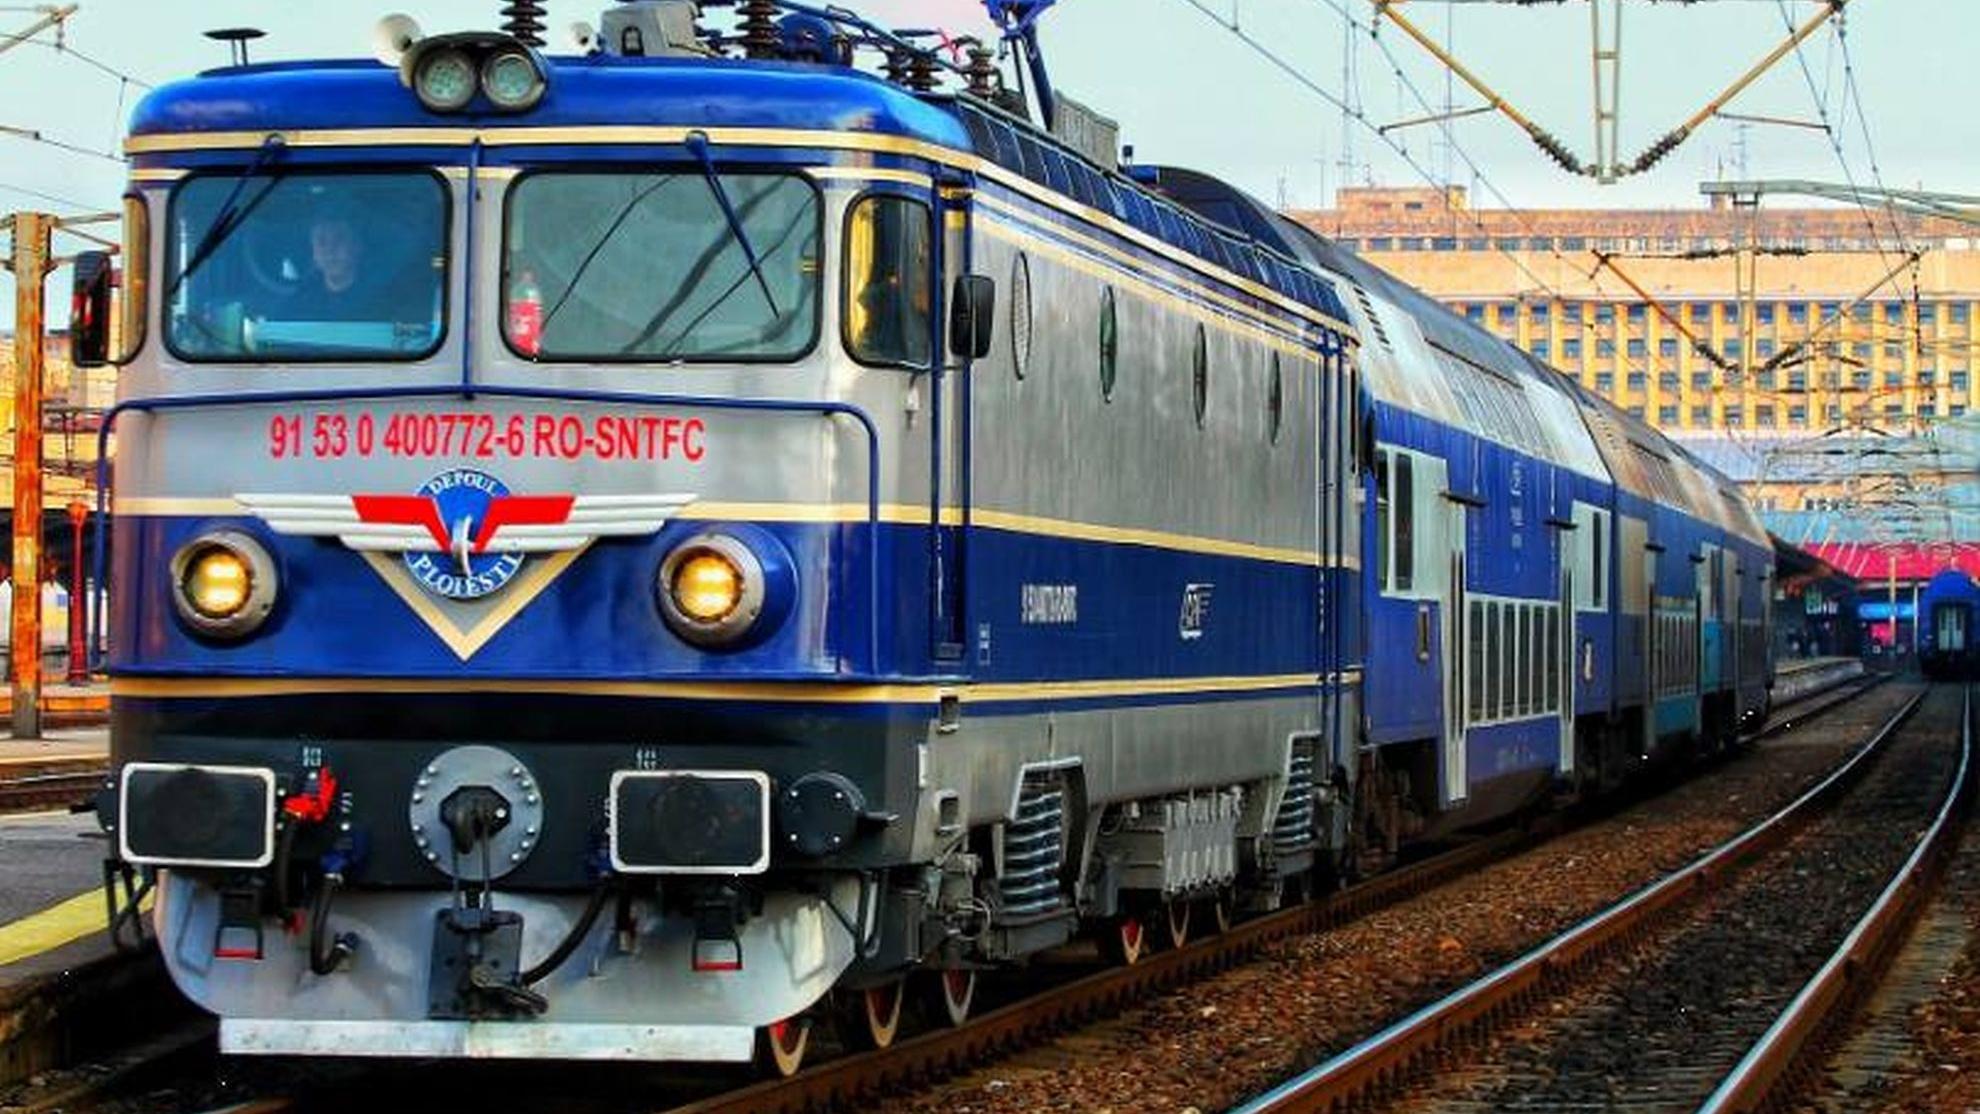 CFR Călători suspendă temporar circulaţia trenurilor dintre România şi Ungaria